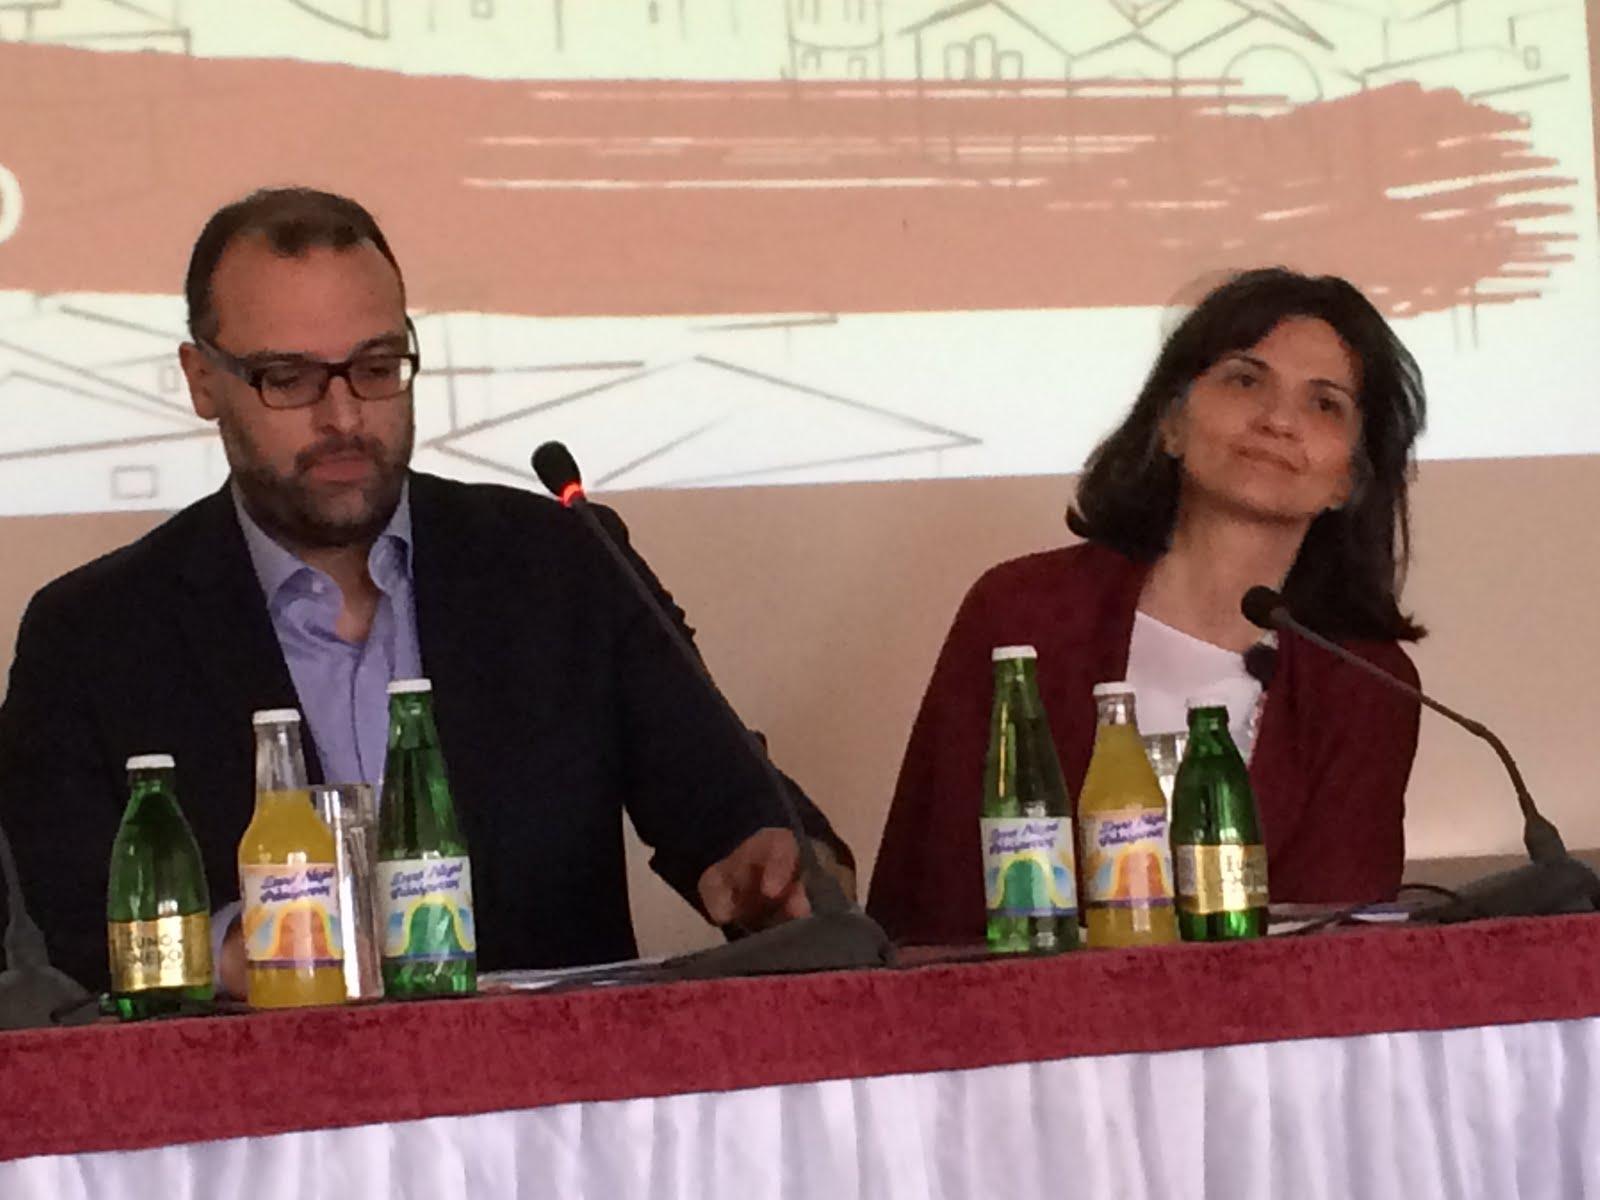 Ο Δρ. Λέων Ναρ und και η καθ. Δρ. Μαρία Καβάλα στο Πάνελ